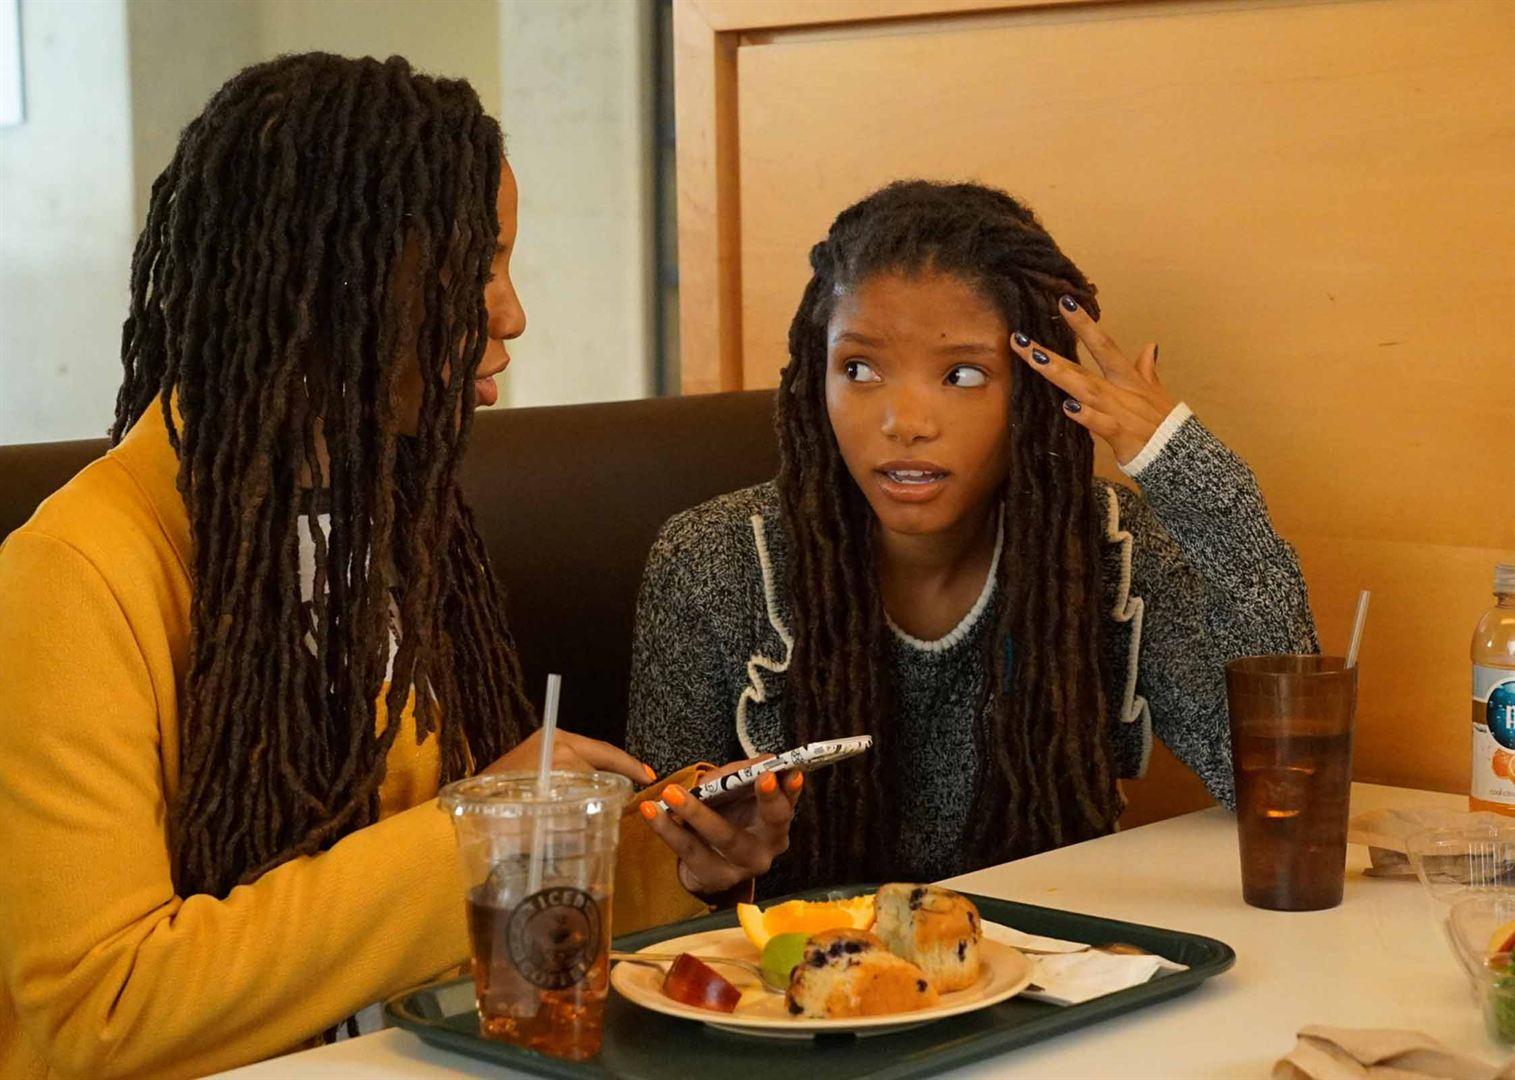 Cena de grown-ish. Nela estão duas meninas negras de cabelo longo. A da direita veste uma blusa cinza e olha para a outra com uma expressão de descrença. A da esquerda está de costas, sendo possível ver apenas sua blusa amarela. Ela segura um celular na mão, por cima de um prato de comida encostado na mesa na frente das garotas.